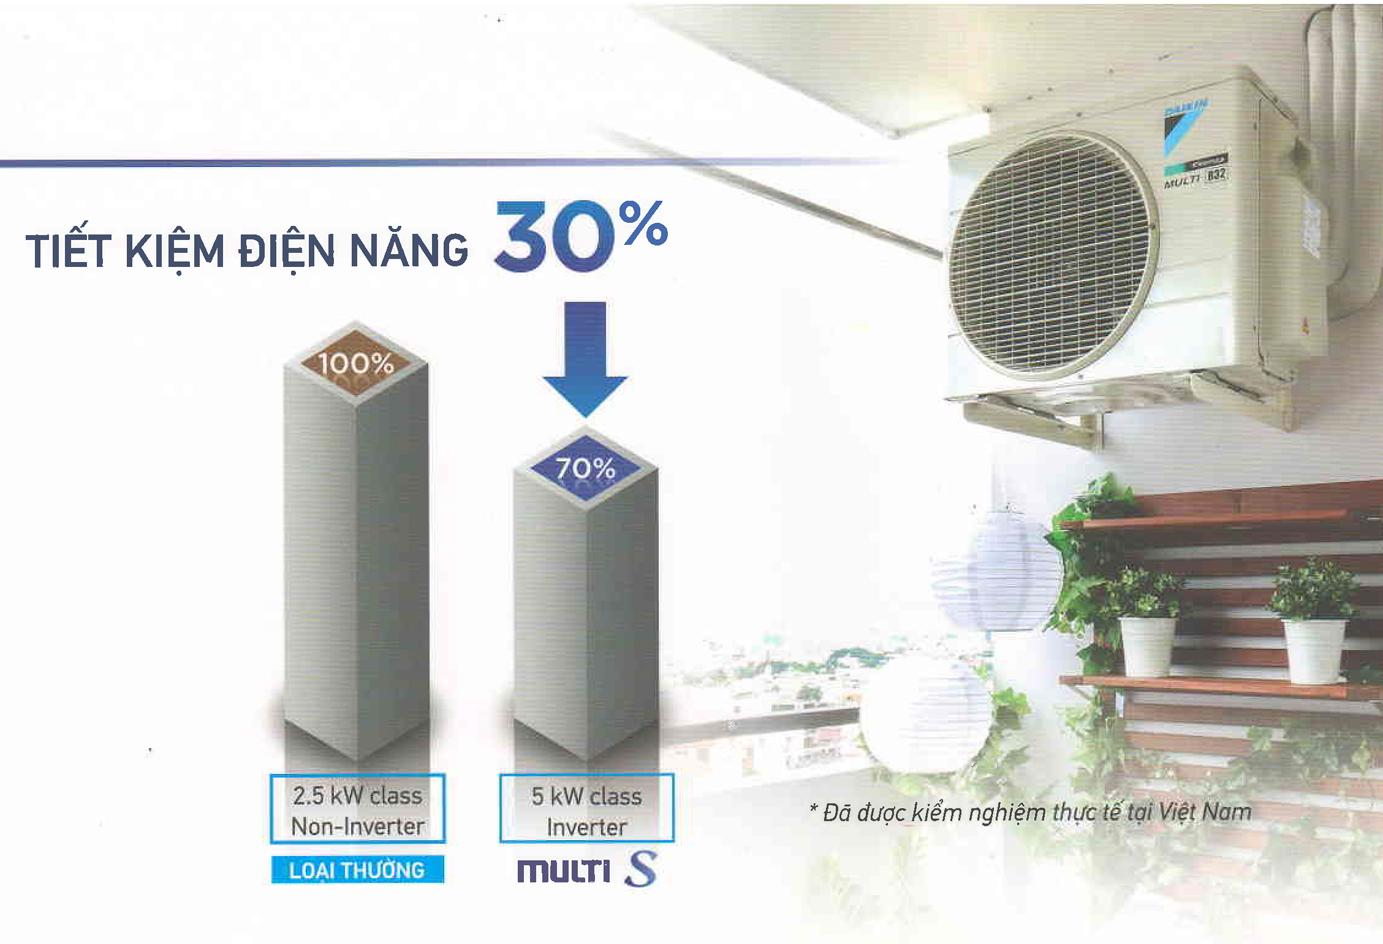 Dàn Nóng Điều Hòa Daikin Multi S Inverter 1 Chiều 24.000BTU (MKC70SVMV) giá rẻ